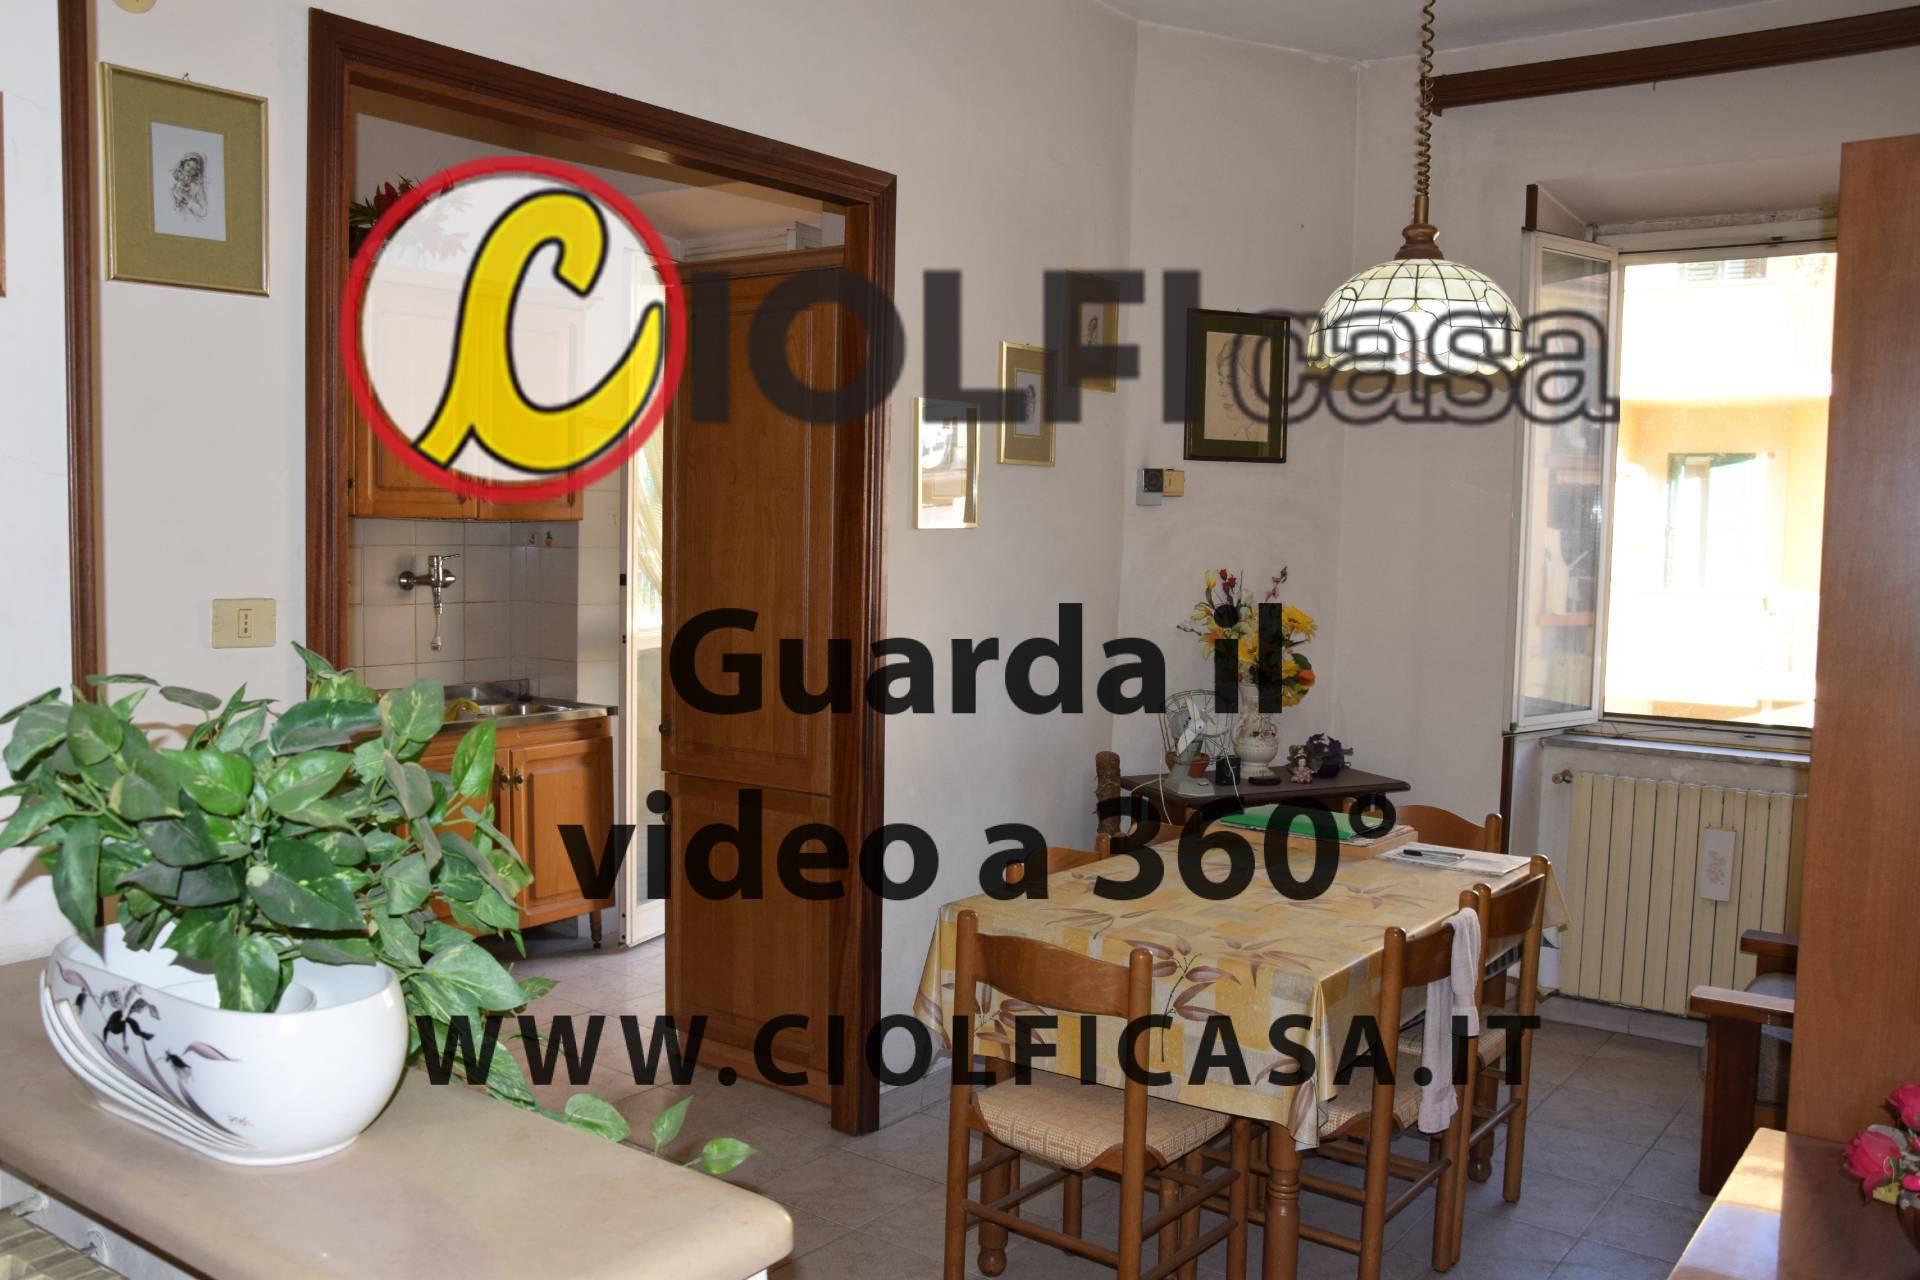 Appartamento in vendita a Cassino, 4 locali, zona Località: Pascoli, prezzo € 120.000   CambioCasa.it